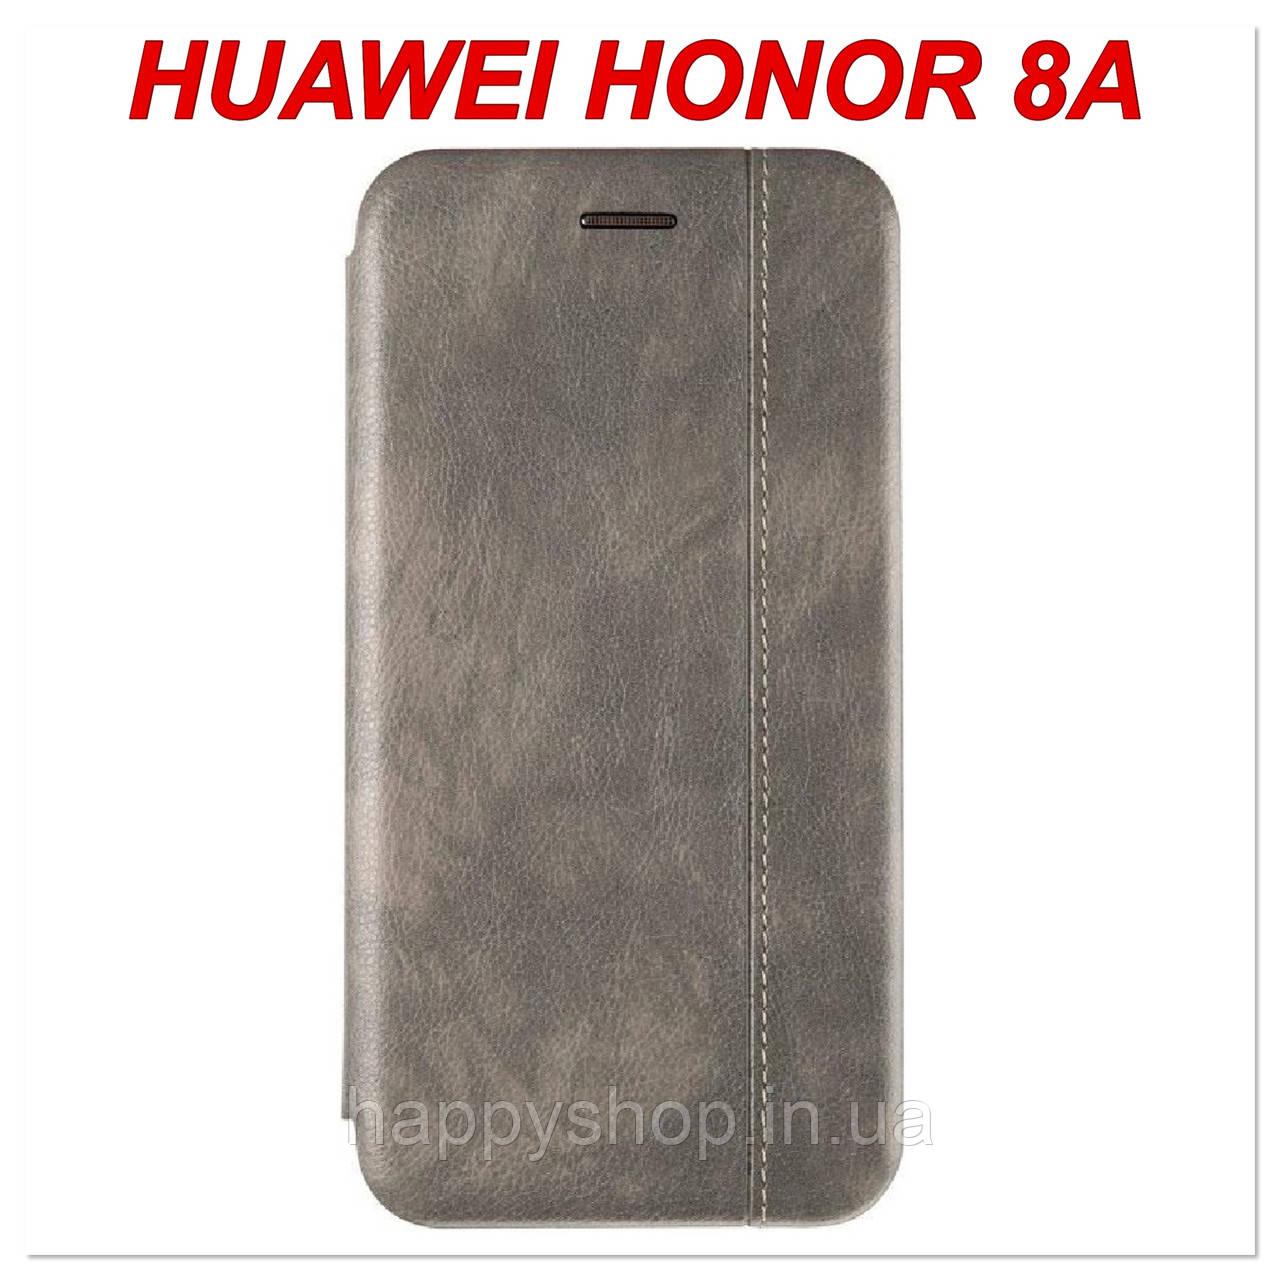 Чехол-книжка Gelius Leather для Huawei Honor 8A (Серый)